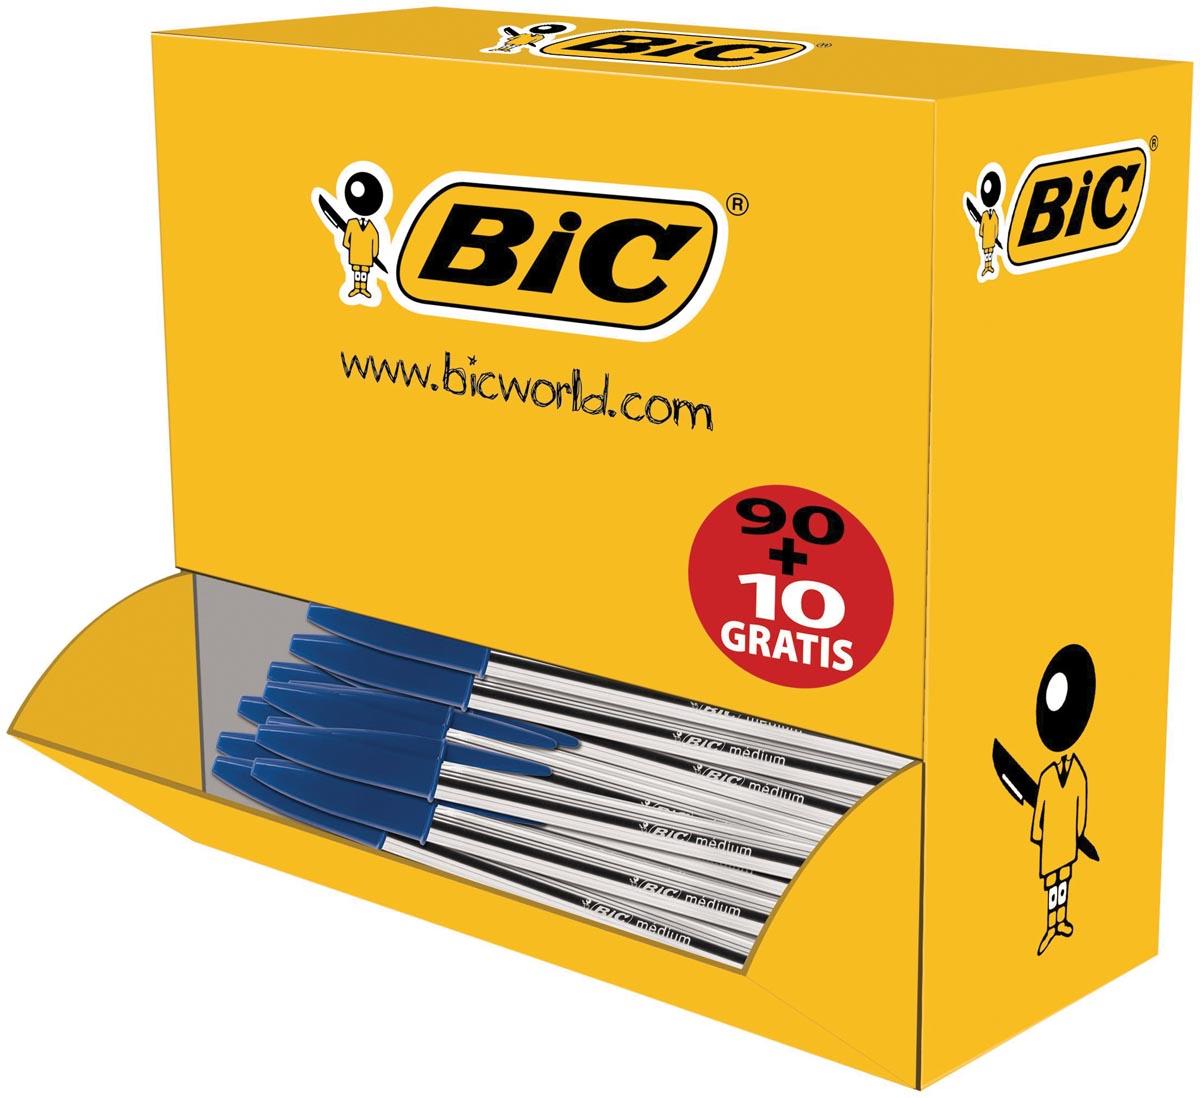 Bic balpen Cristal Medium voordeelpak 90 + 10 gratis, blauw